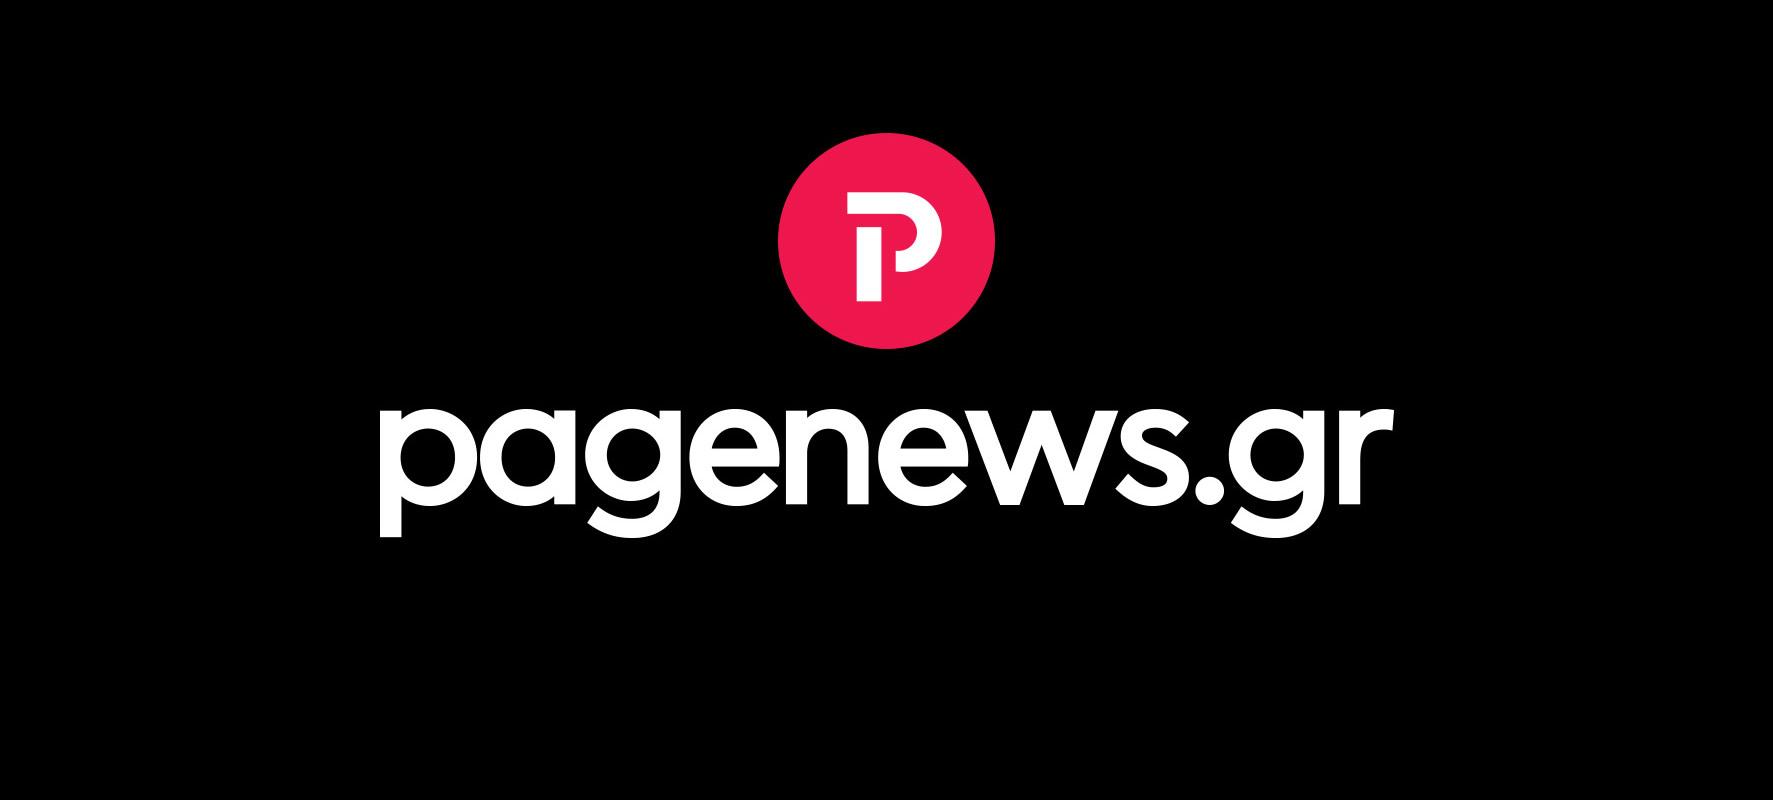 Η σωσίας της Ευριδίκης Βαλαβάνη είναι καυτή και είναι κι εκείνη αθλητικογράφος (pics) | Pagenews.gr